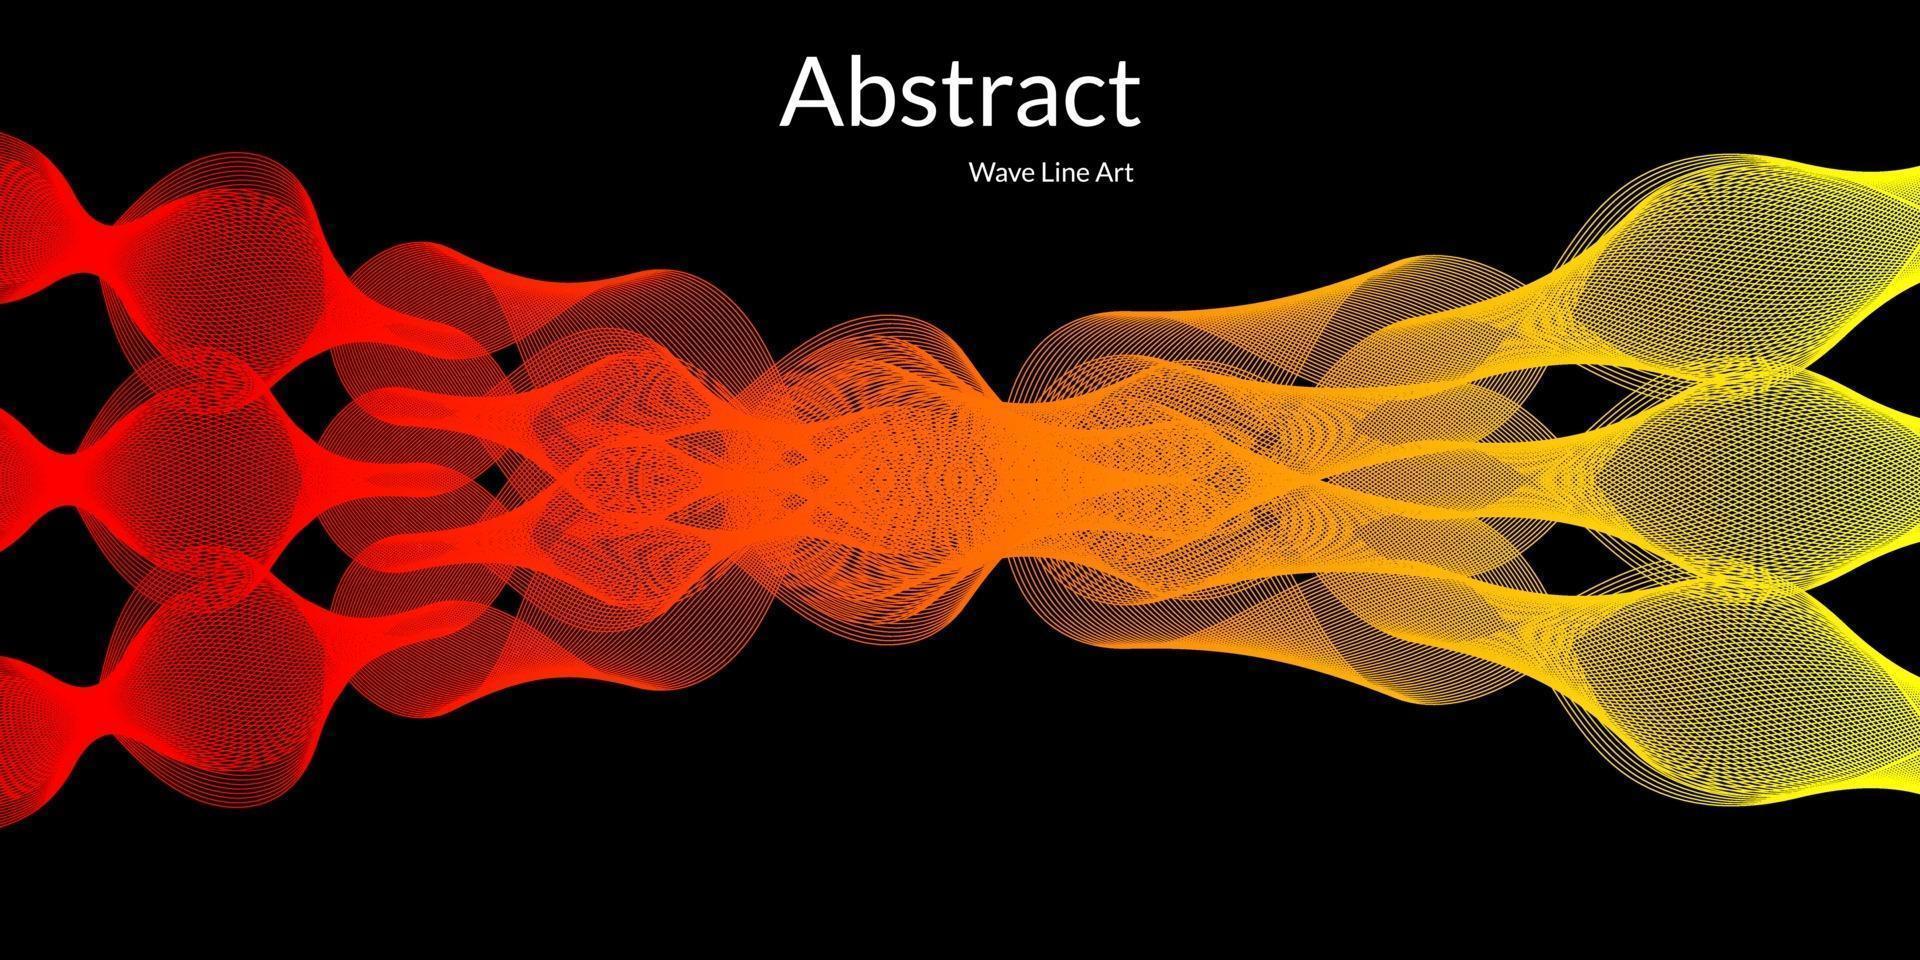 moderner abstrakter Hintergrund mit Wellenlinien in roten und gelben Abstufungen vektor